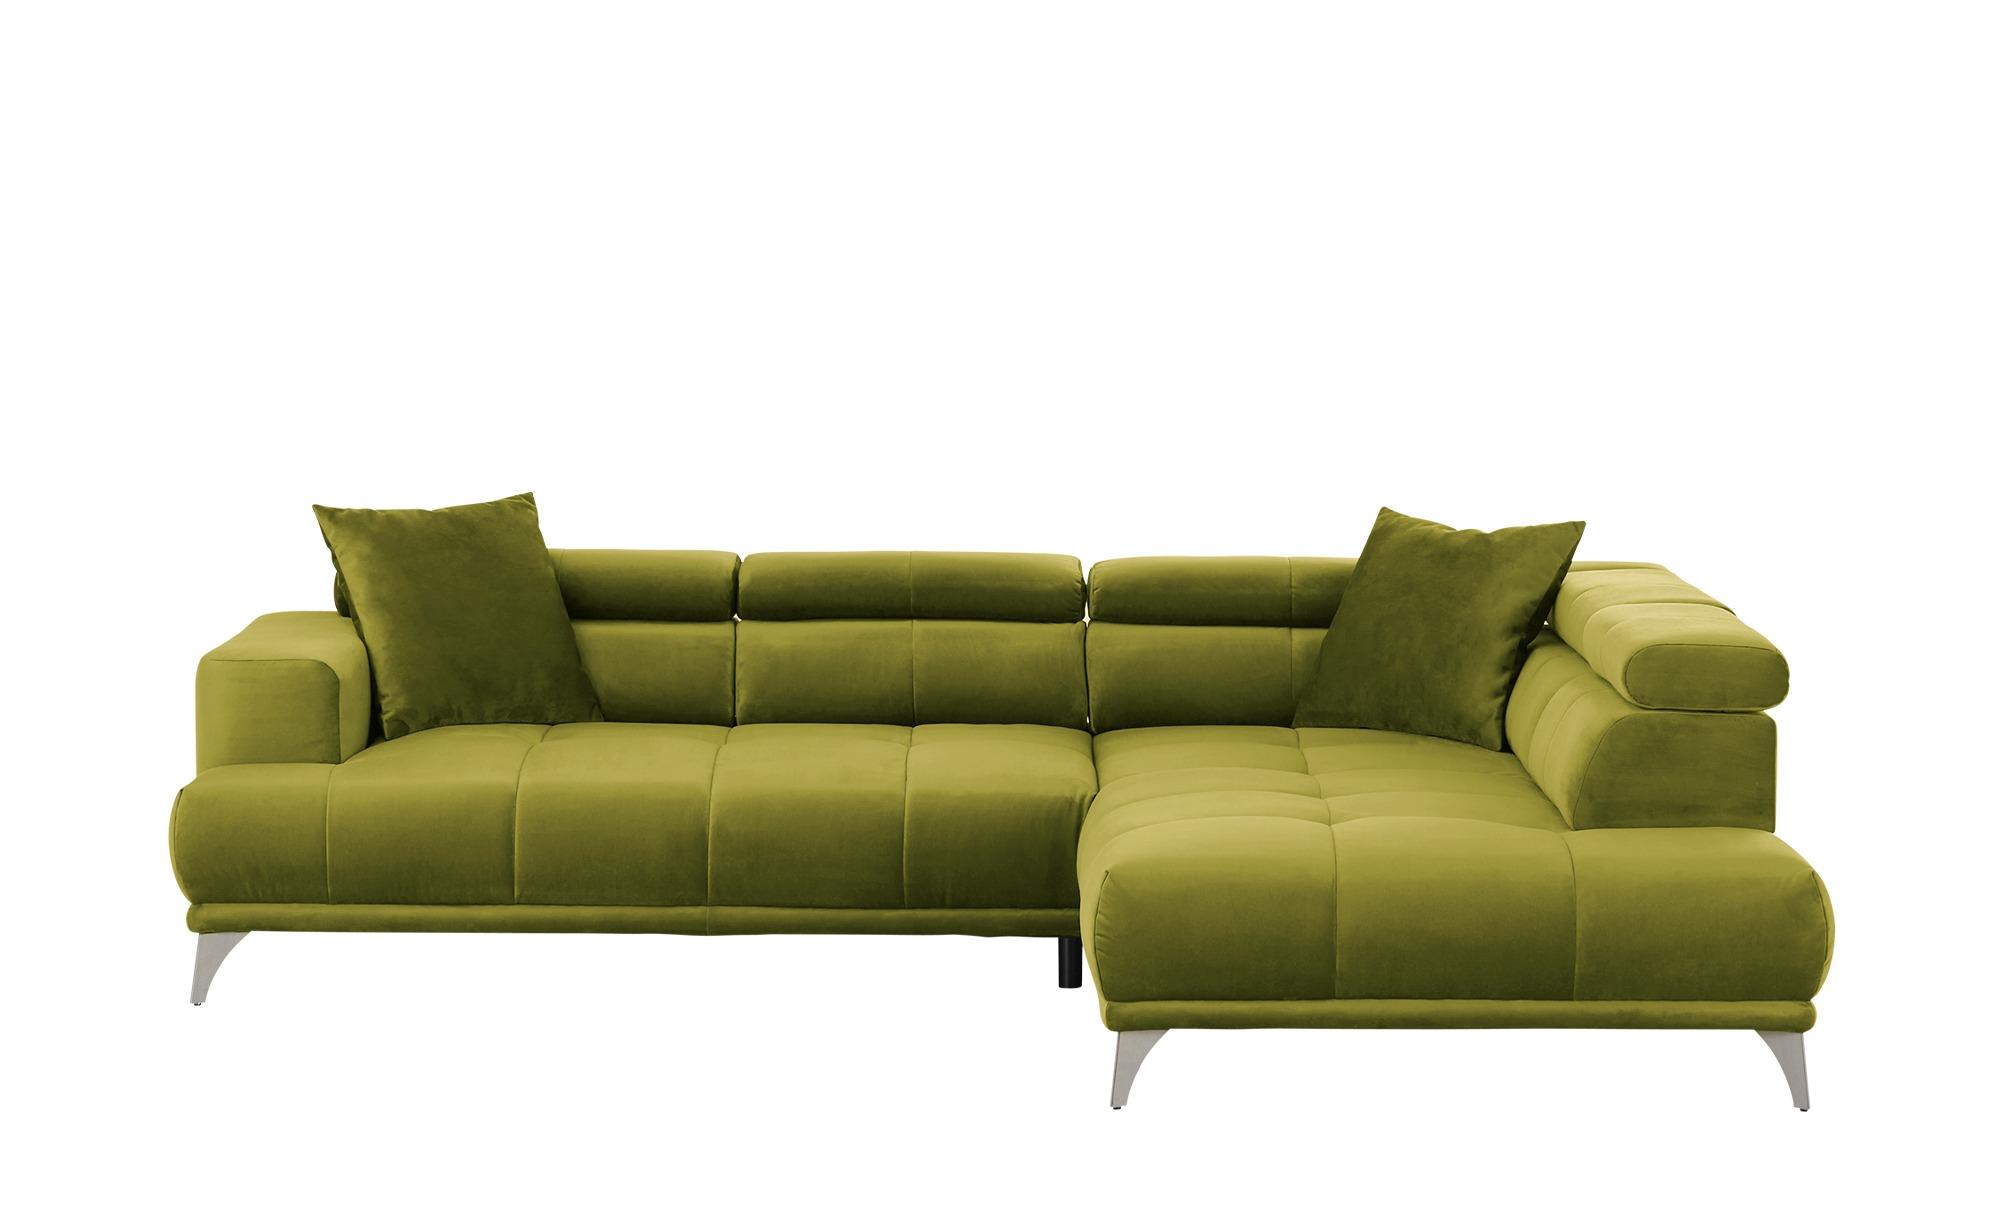 bobb Ecksofa  Arvika ¦ grün ¦ Maße (cm): H: 78 Polstermöbel > Sofas > Ecksofas - Höffner